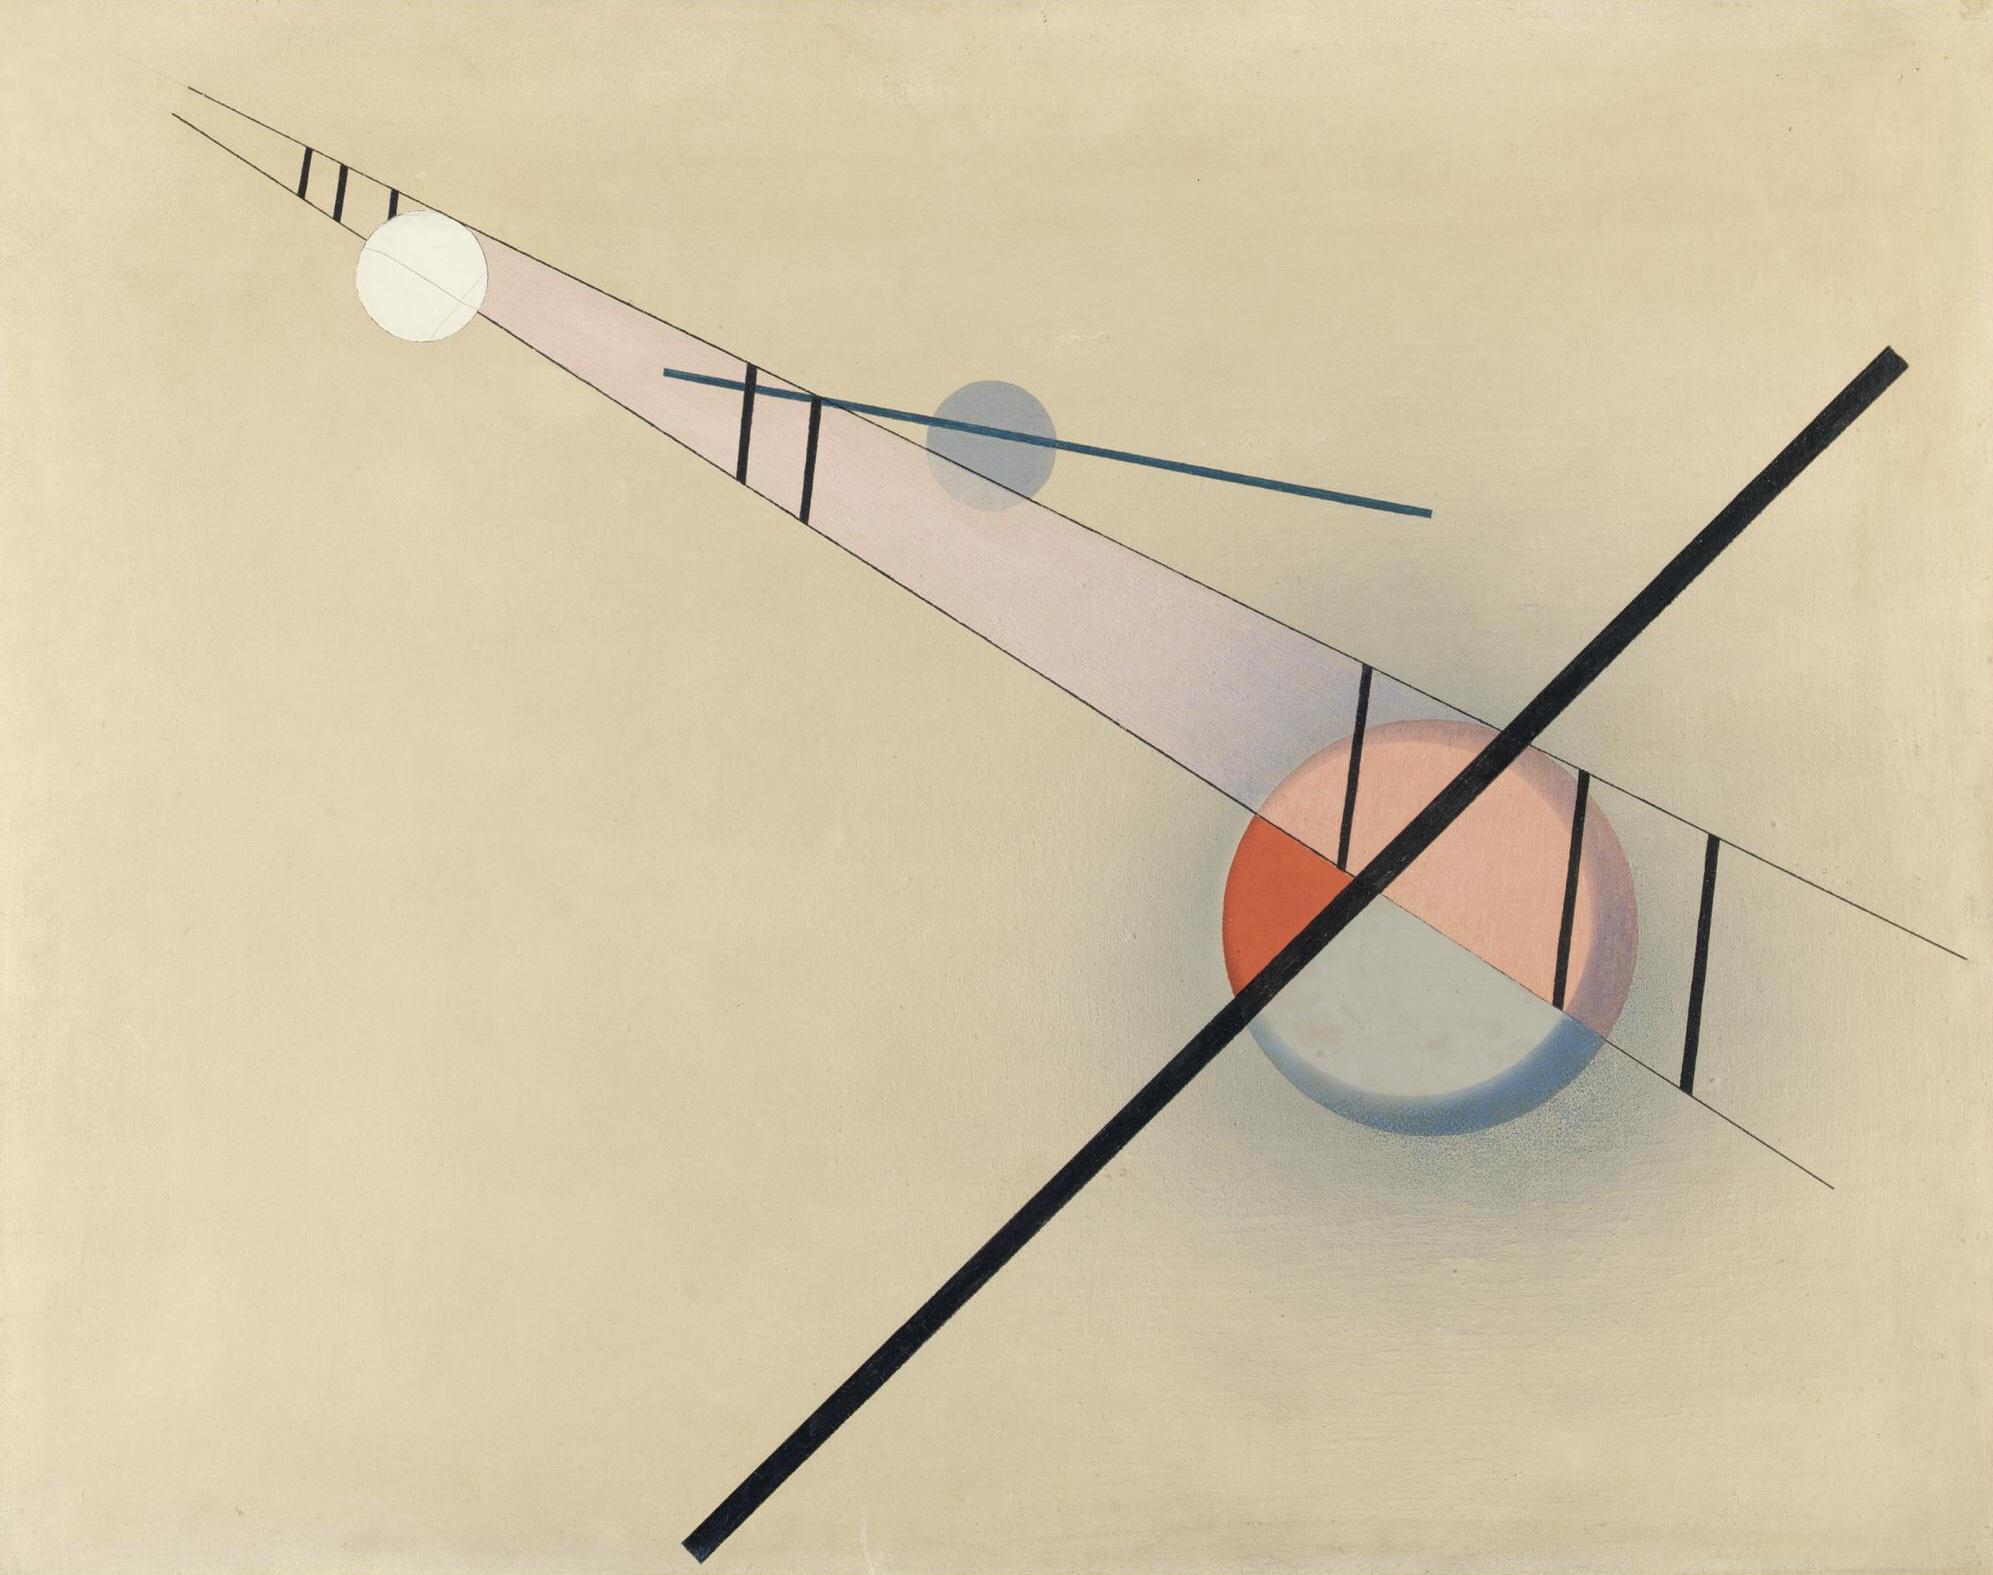 Z IV, by László Moholy-Nagy, 1923